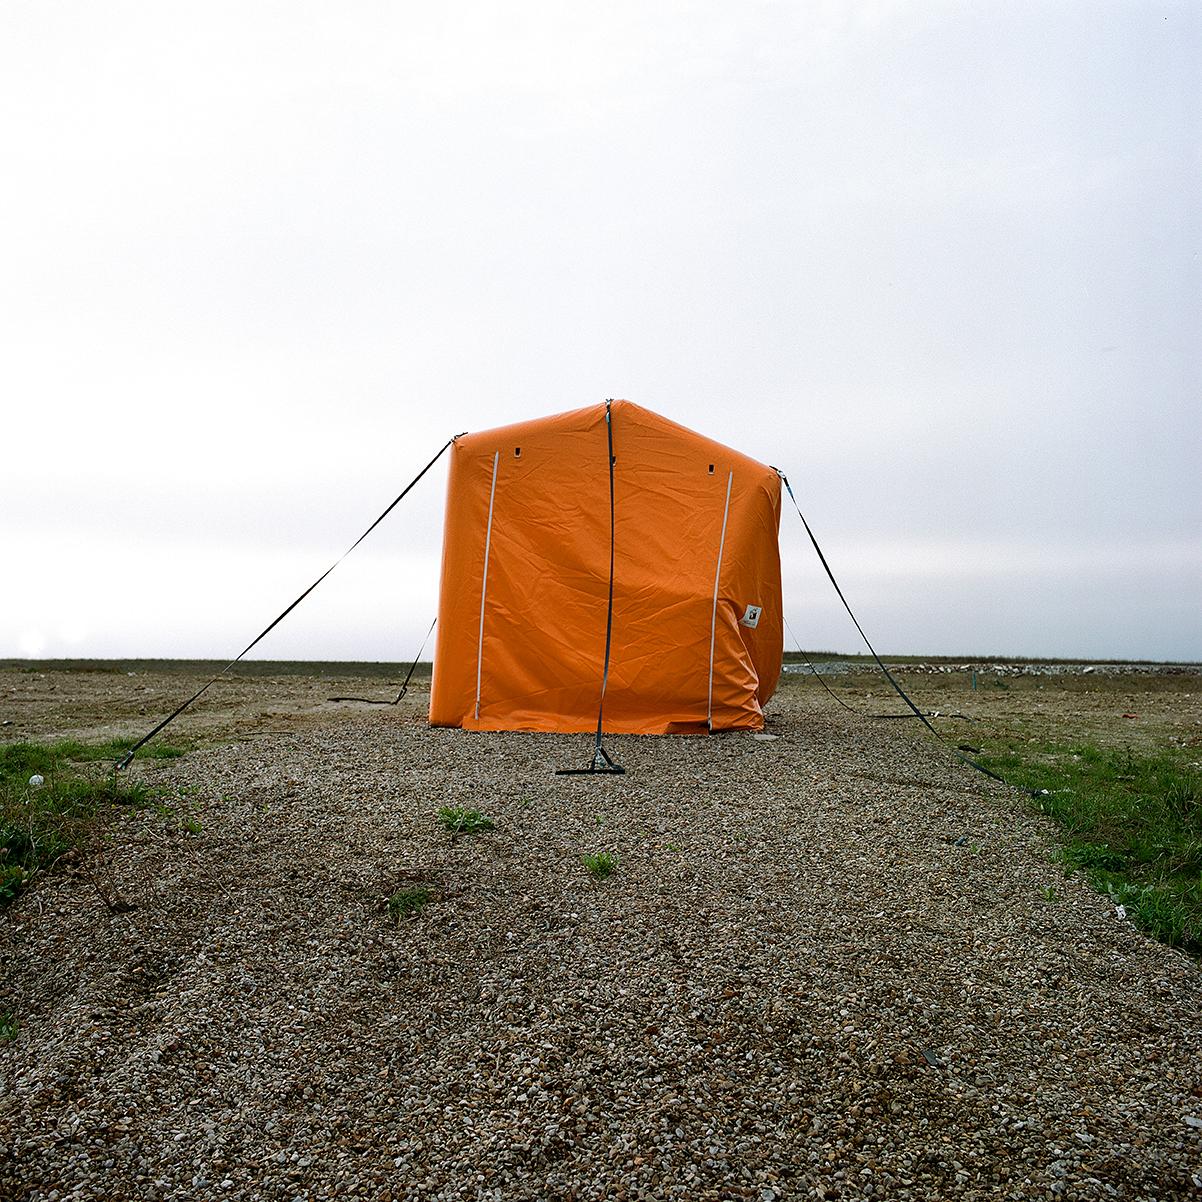 une tente orange